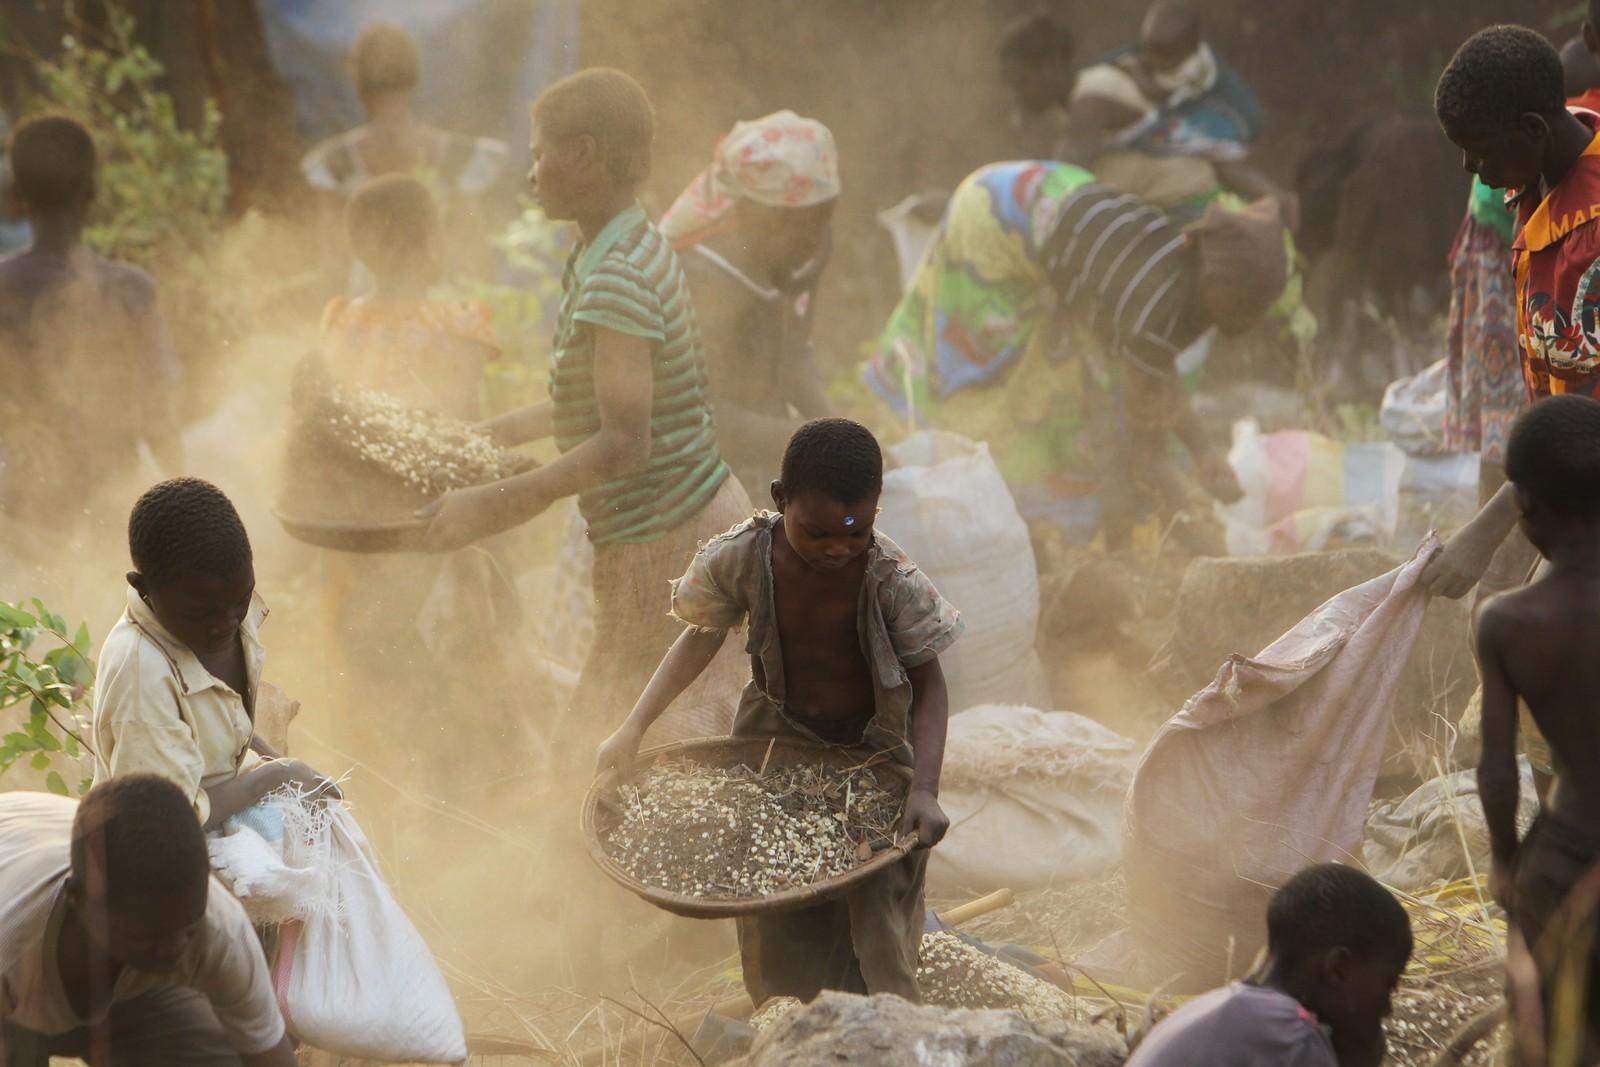 Over 200 landsbybeboere kasta seg over mengder av korn og forsøkte å skille det fra jord etter at en lastebil mista lasten i landsbyen Machinga i Malawi. Mat er ikke en selvsagt ting i det afrikanske landet, og nær 20 prosent av befolkningen skal være ramma av sult.